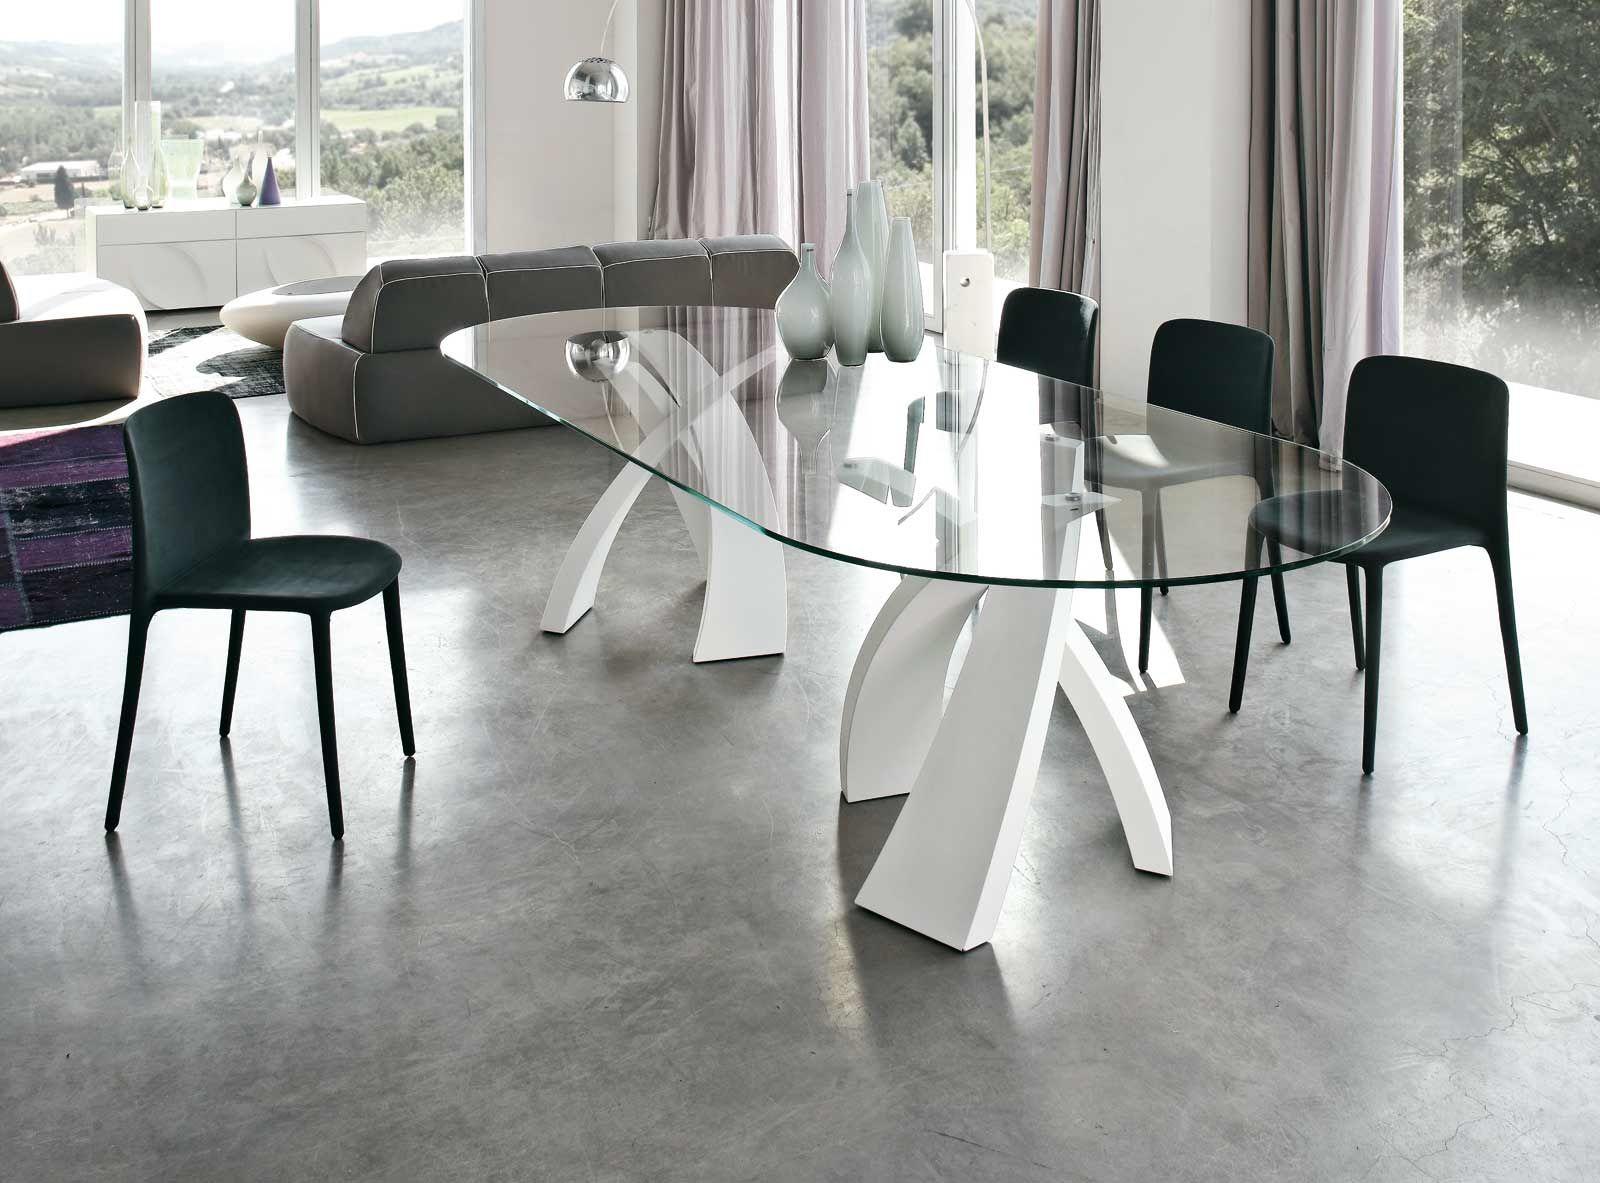 Tavolo Ovale ~ Il tavolo ovale big eliseo è un tavolo con struttura in metallo